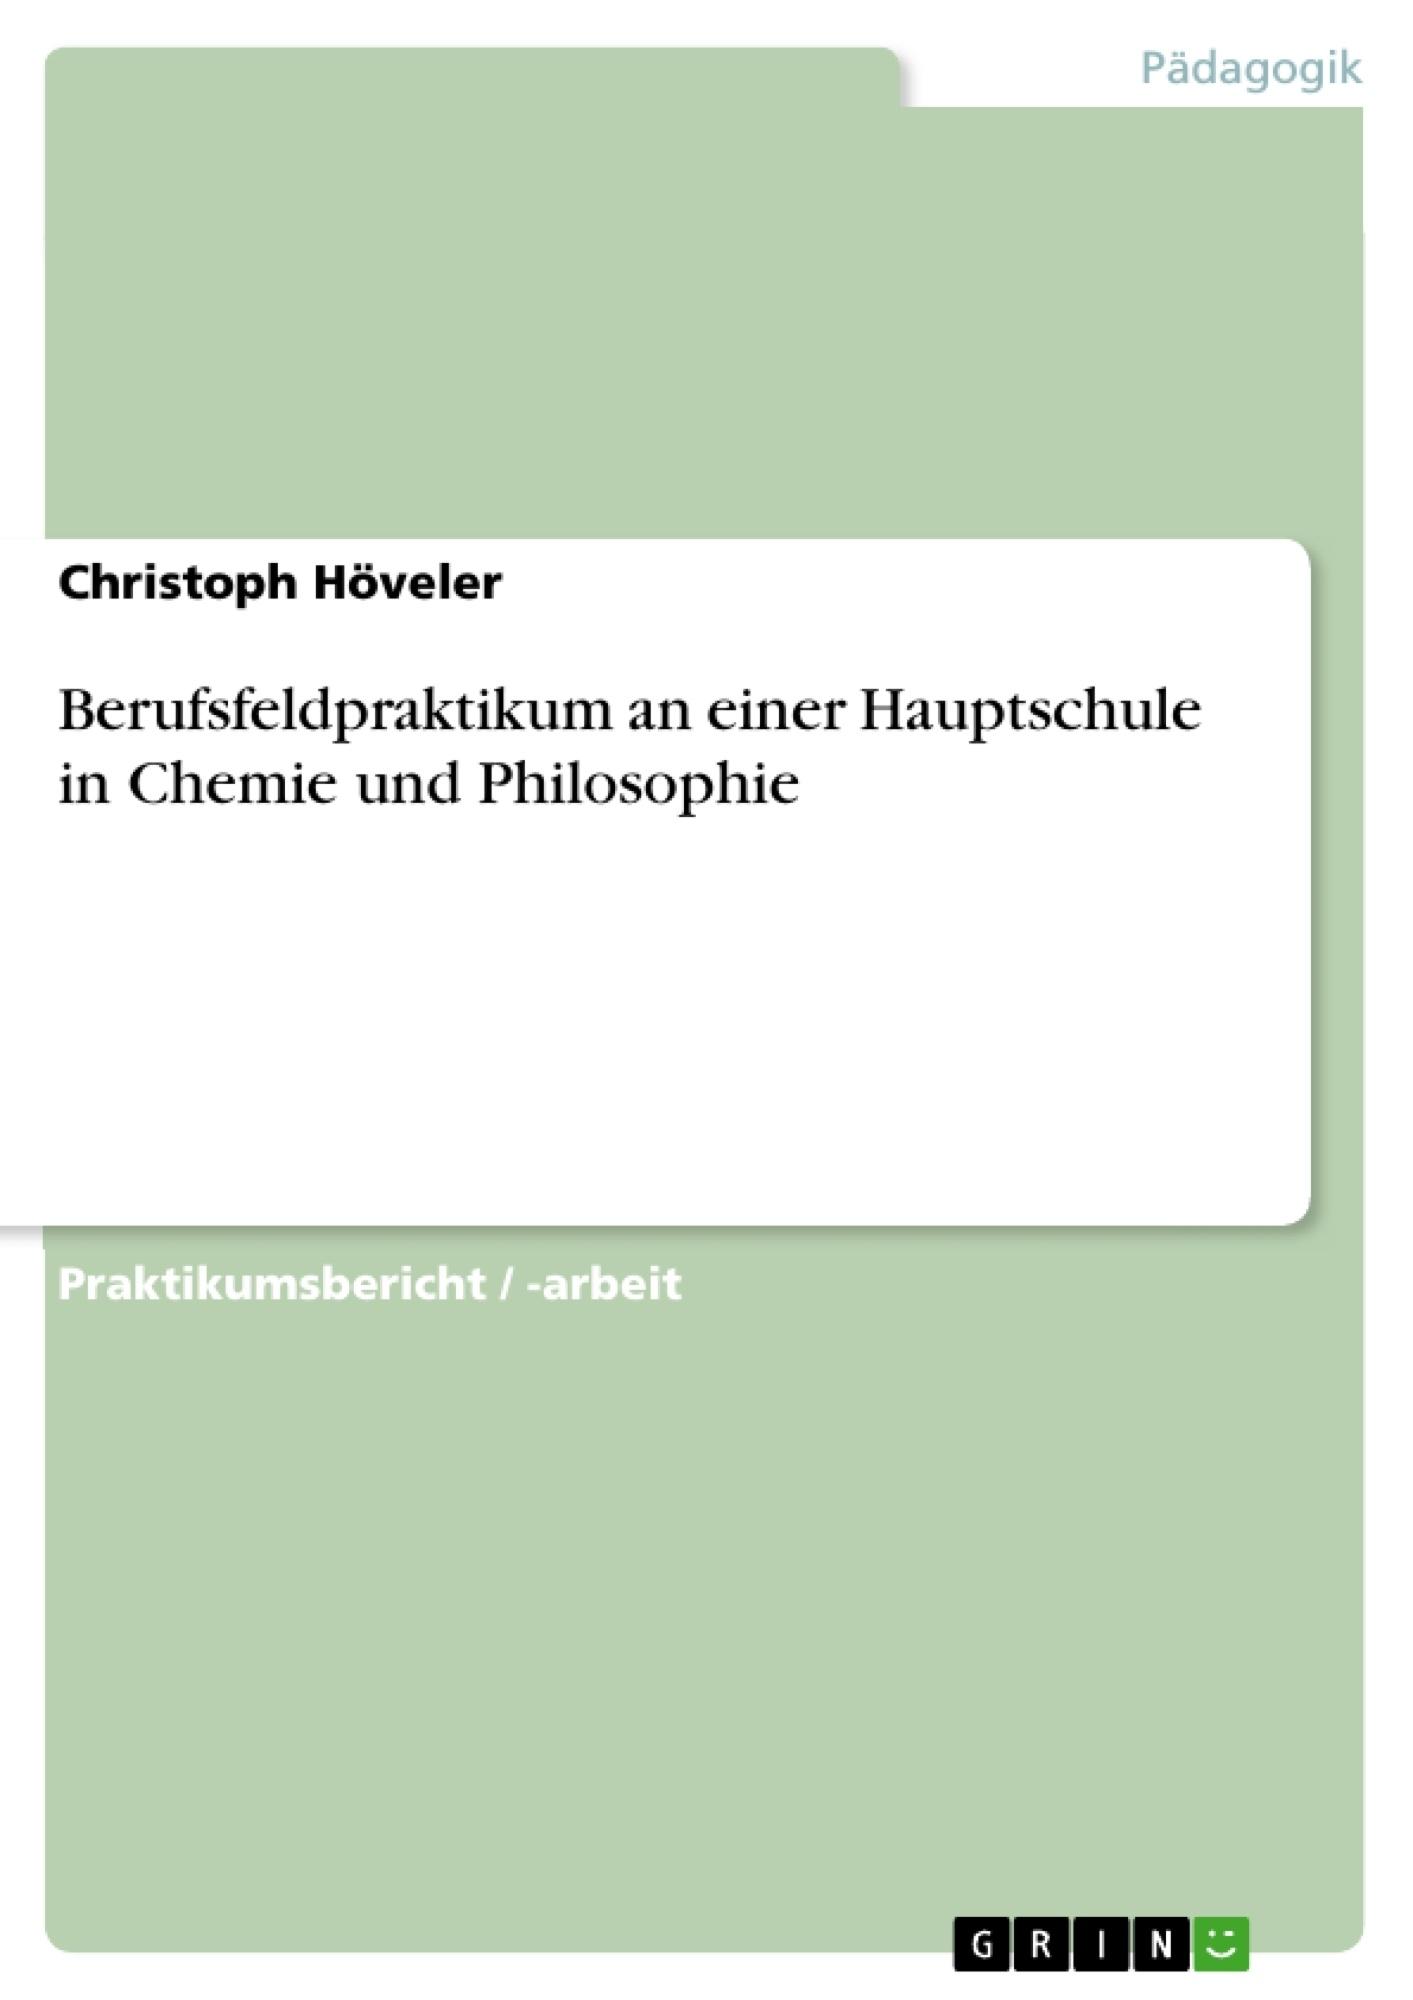 Titel: Berufsfeldpraktikum an einer Hauptschule in Chemie und Philosophie